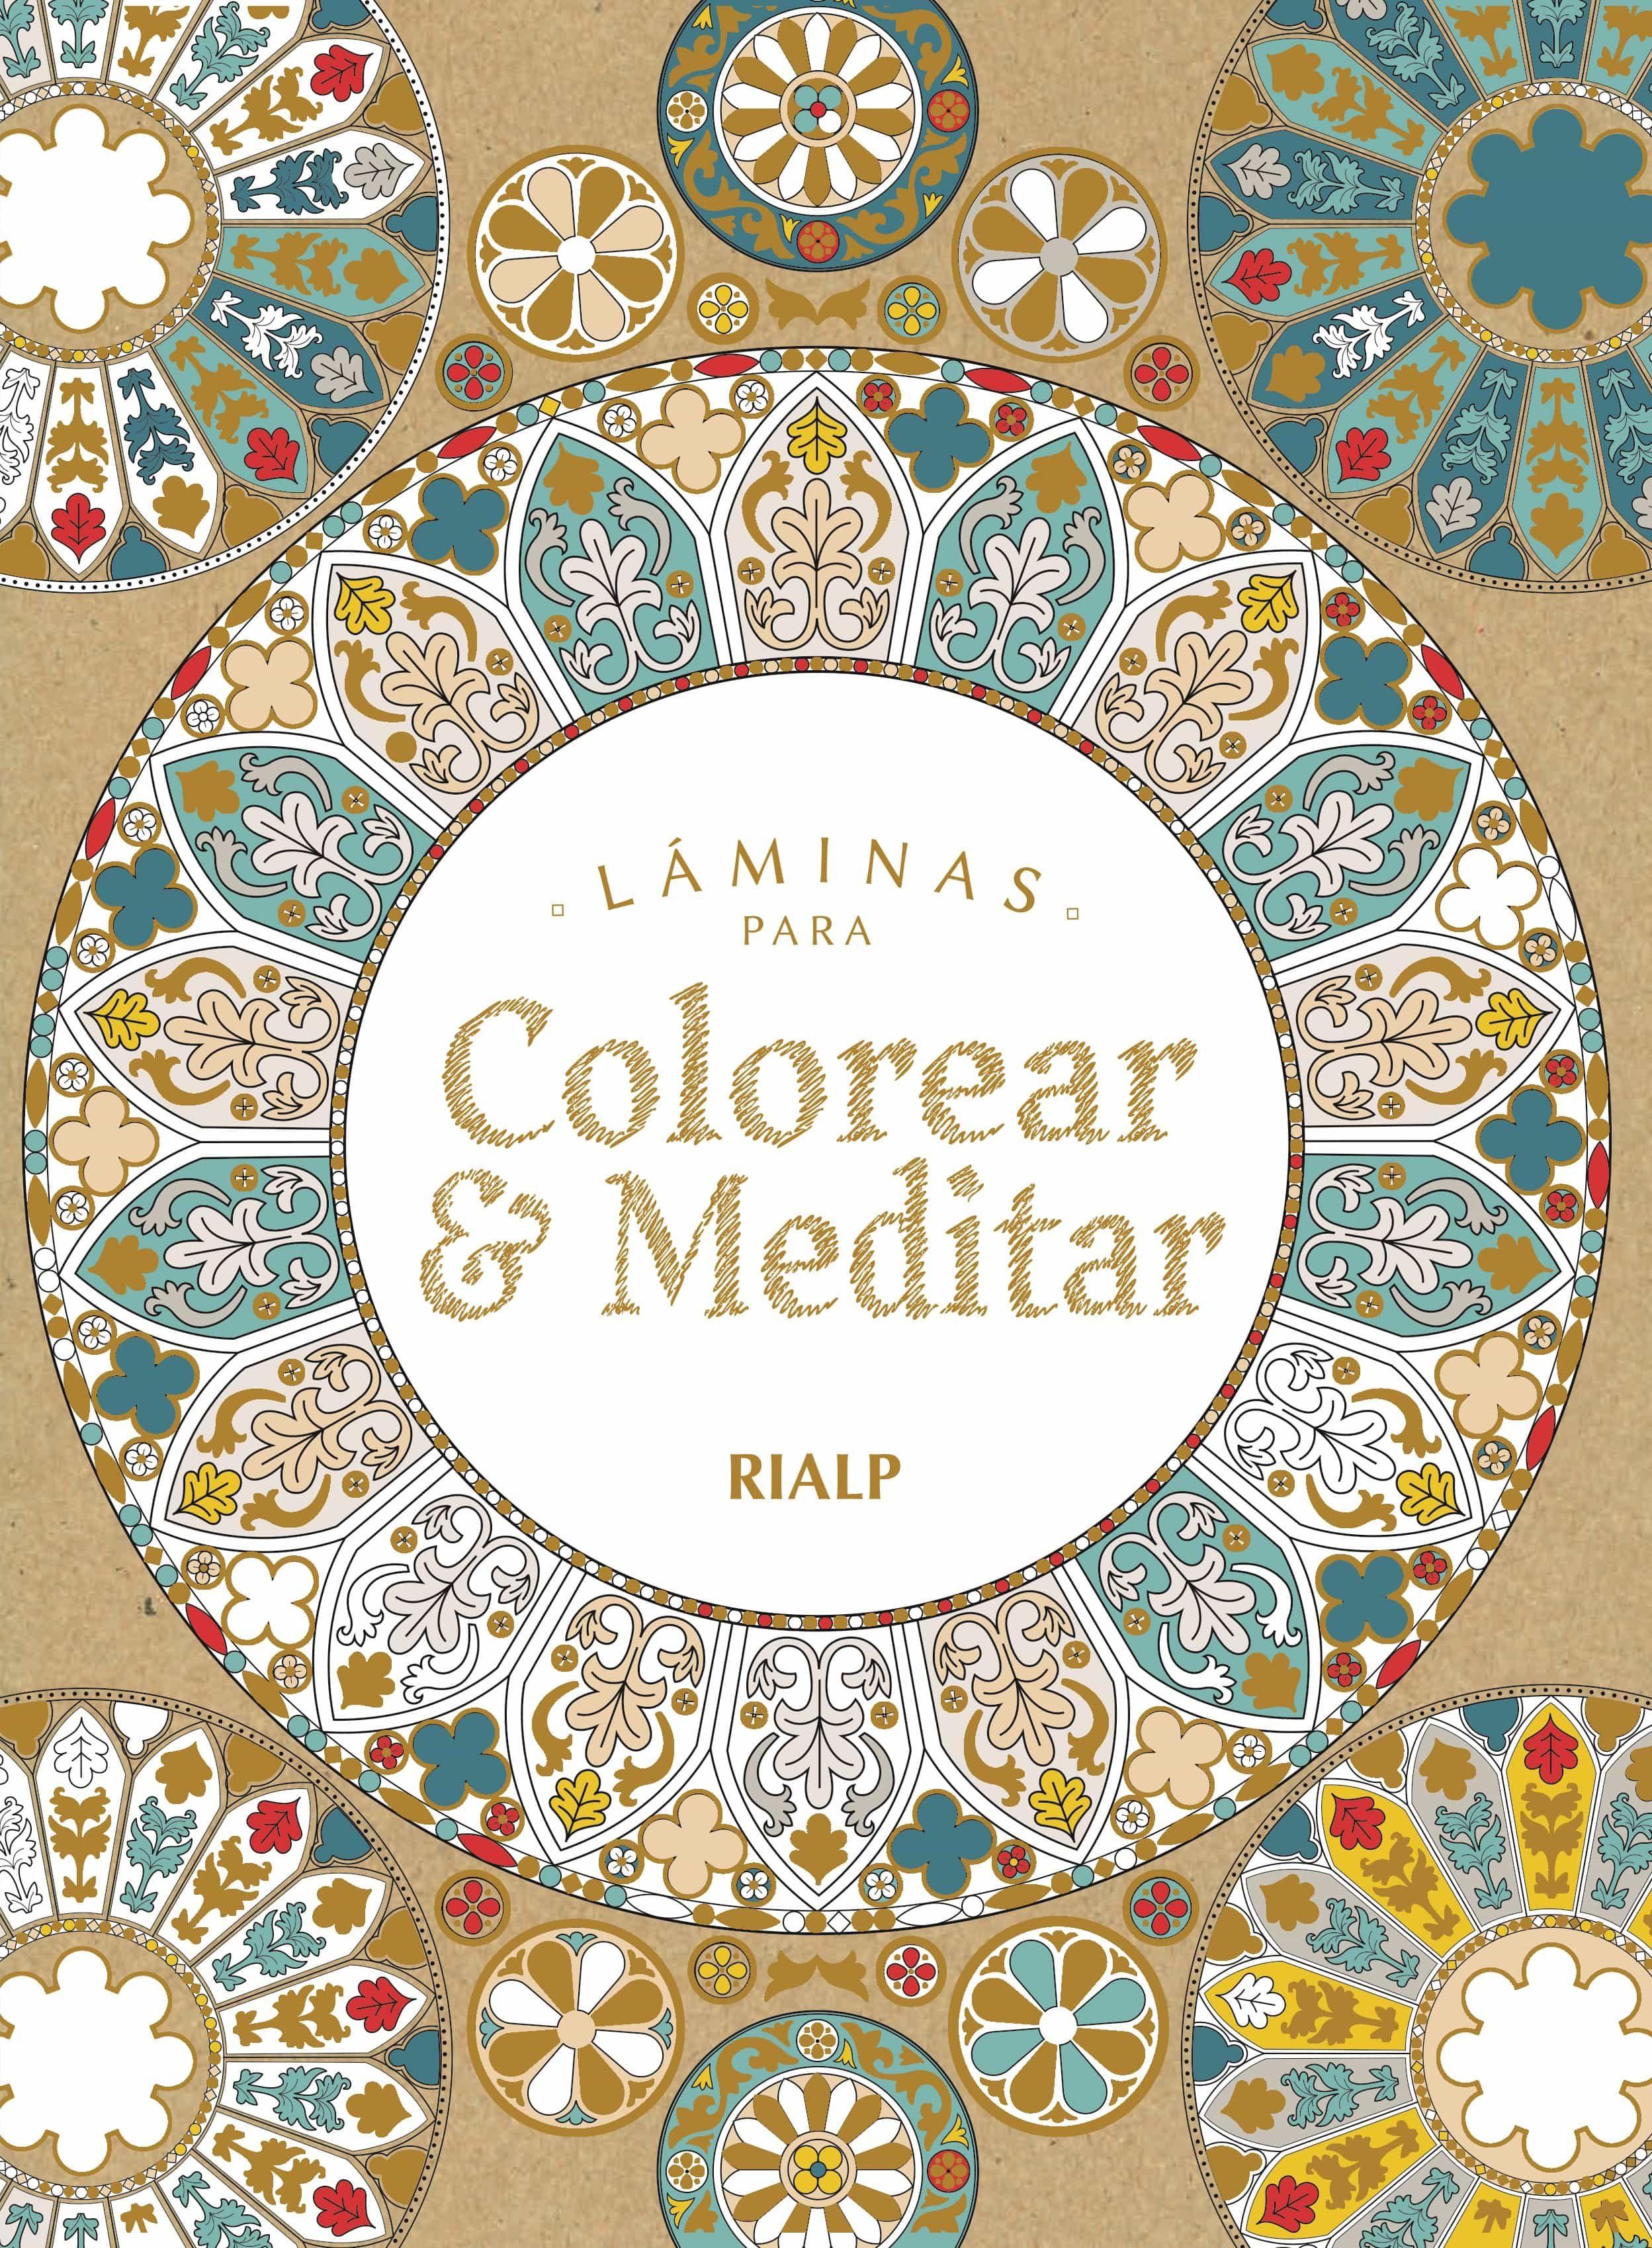 Laminas Para Colorear Y Meditar - Vv.aa.